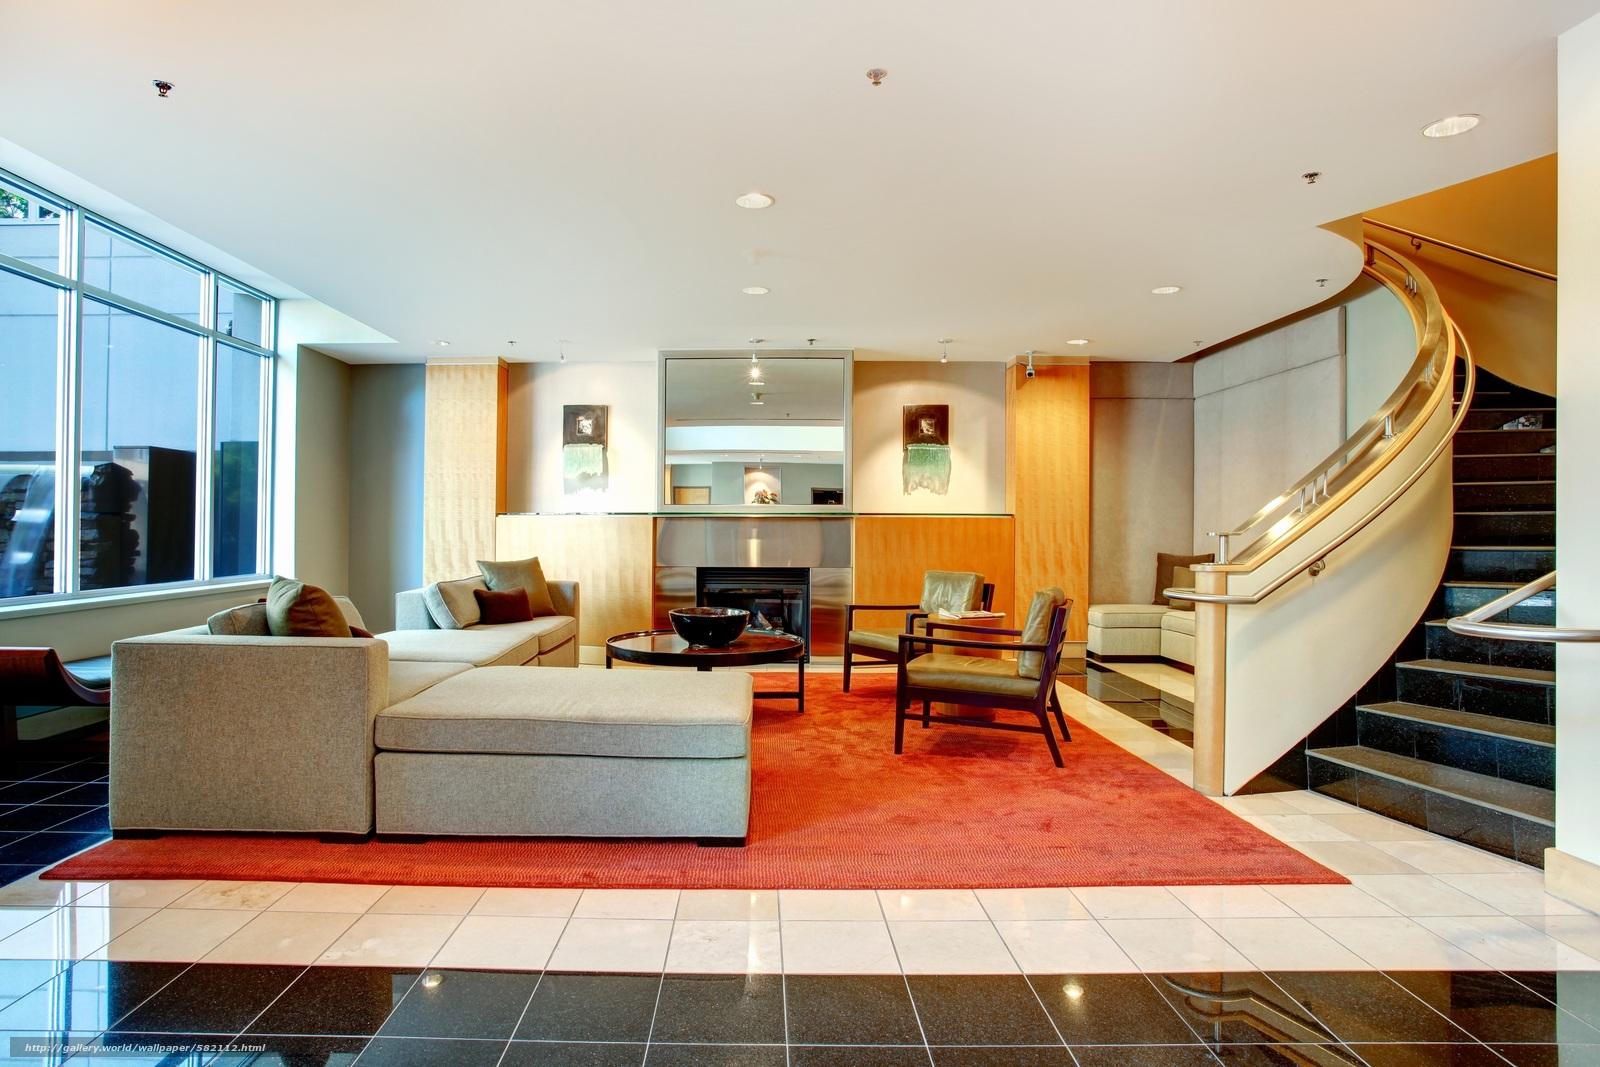 tlcharger fond d 39 ecran canap chambre int rieur chemin e fonds d 39 ecran gratuits pour votre. Black Bedroom Furniture Sets. Home Design Ideas